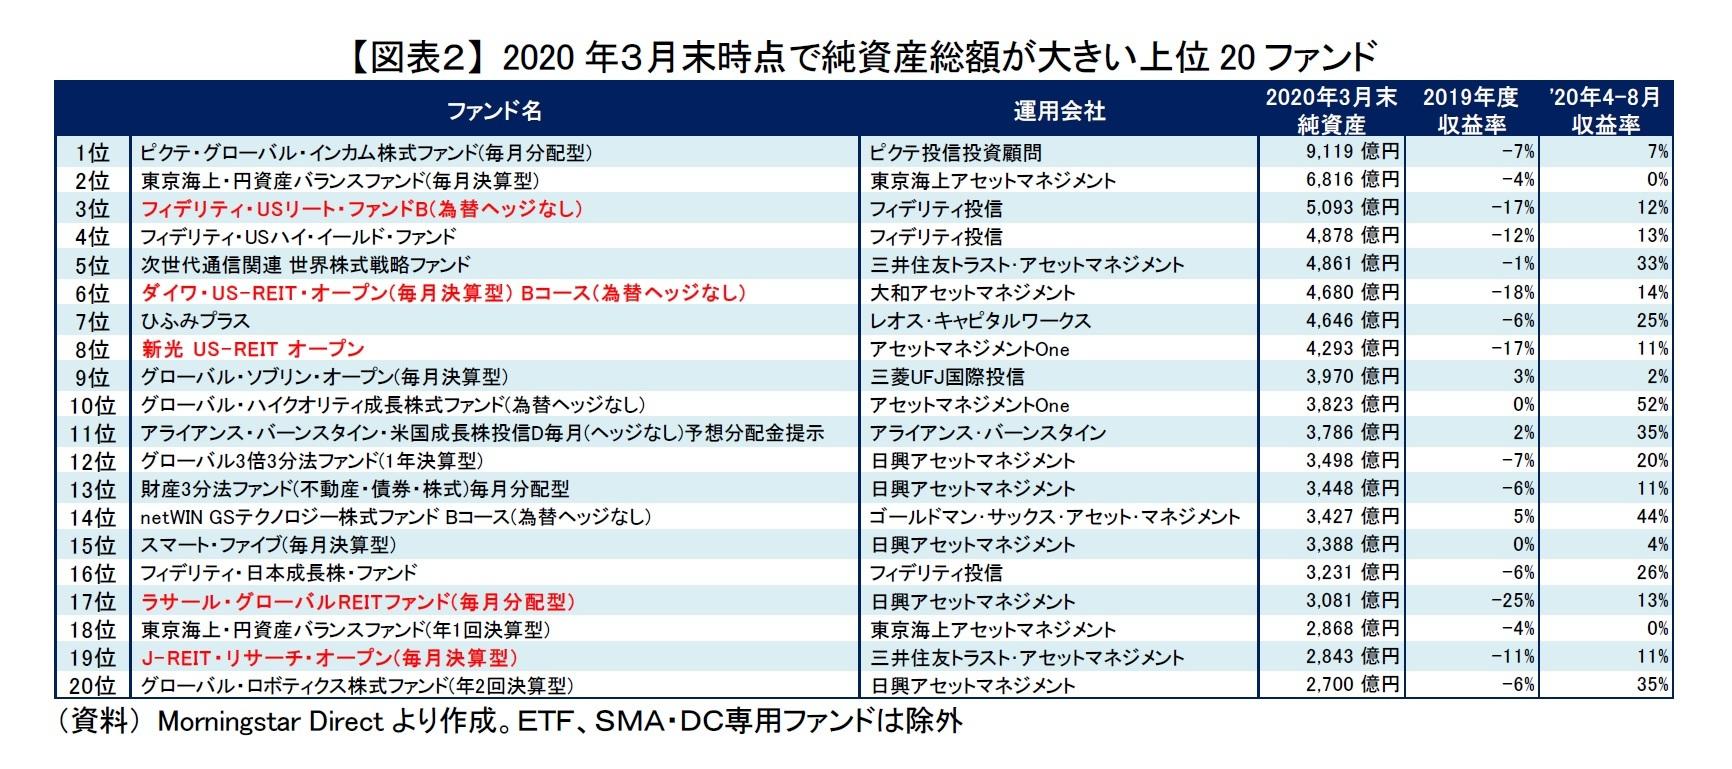 【図表2】 2020年3月末時点で純資産総額が大きい上位20ファンド